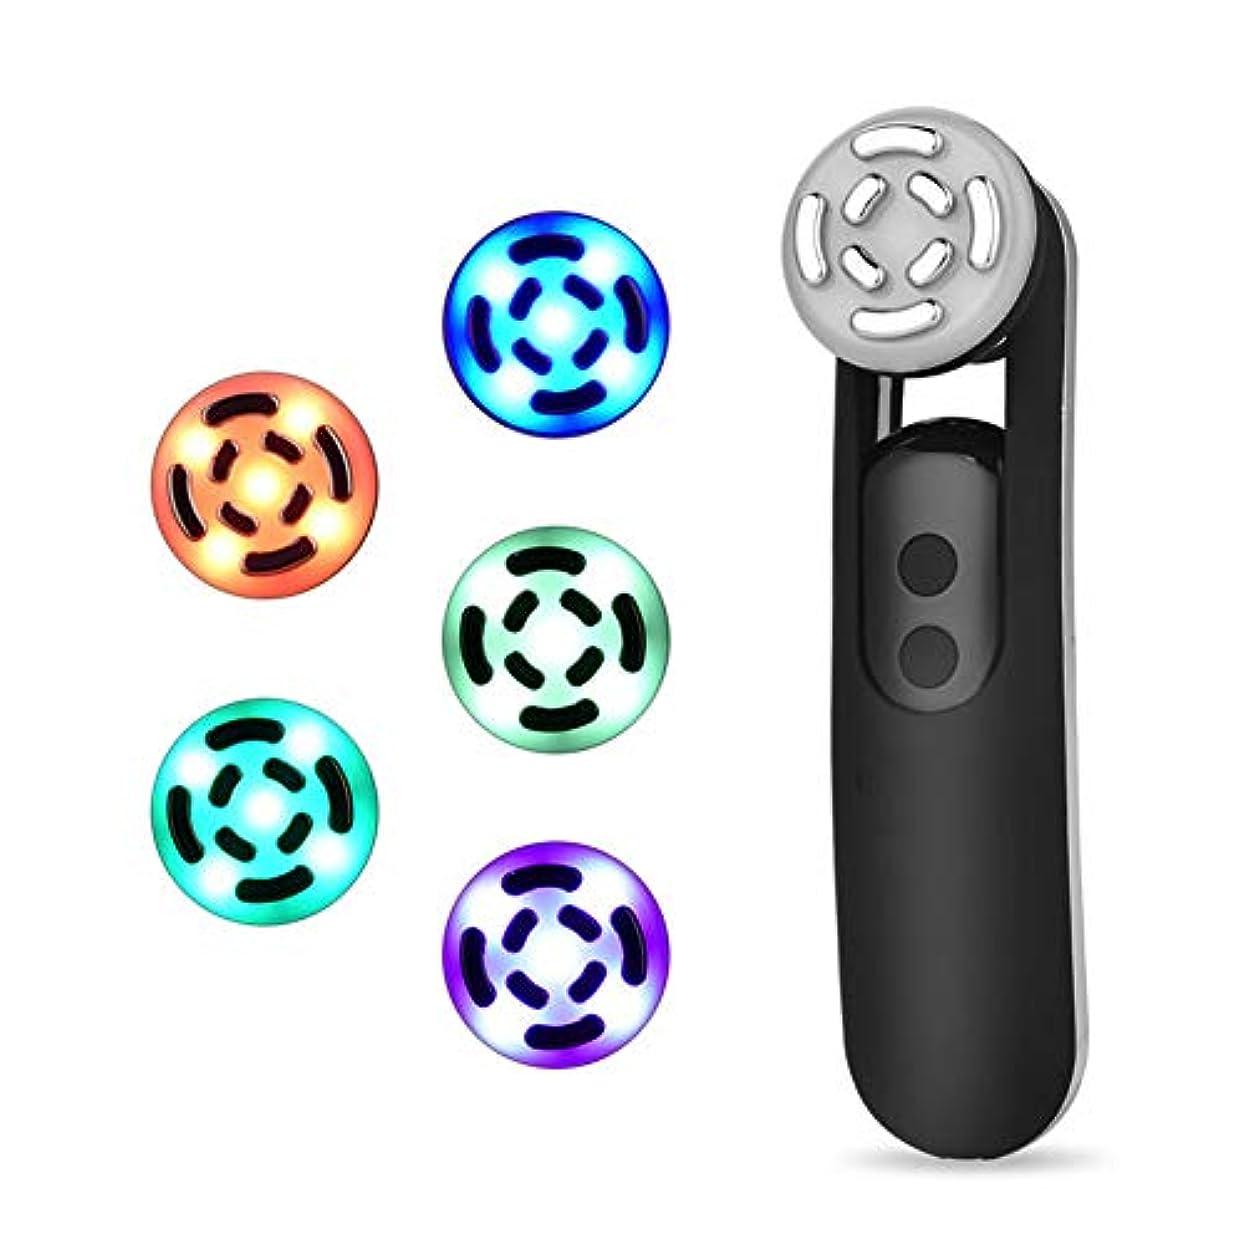 すみません予報わずらわしいフェイシャルマッサージイオンフェイシャルクレンジングアンチエイジングファーミングスキンマイクロショックテクノロジー5色LEDライト若返りしわ美容機器,Black